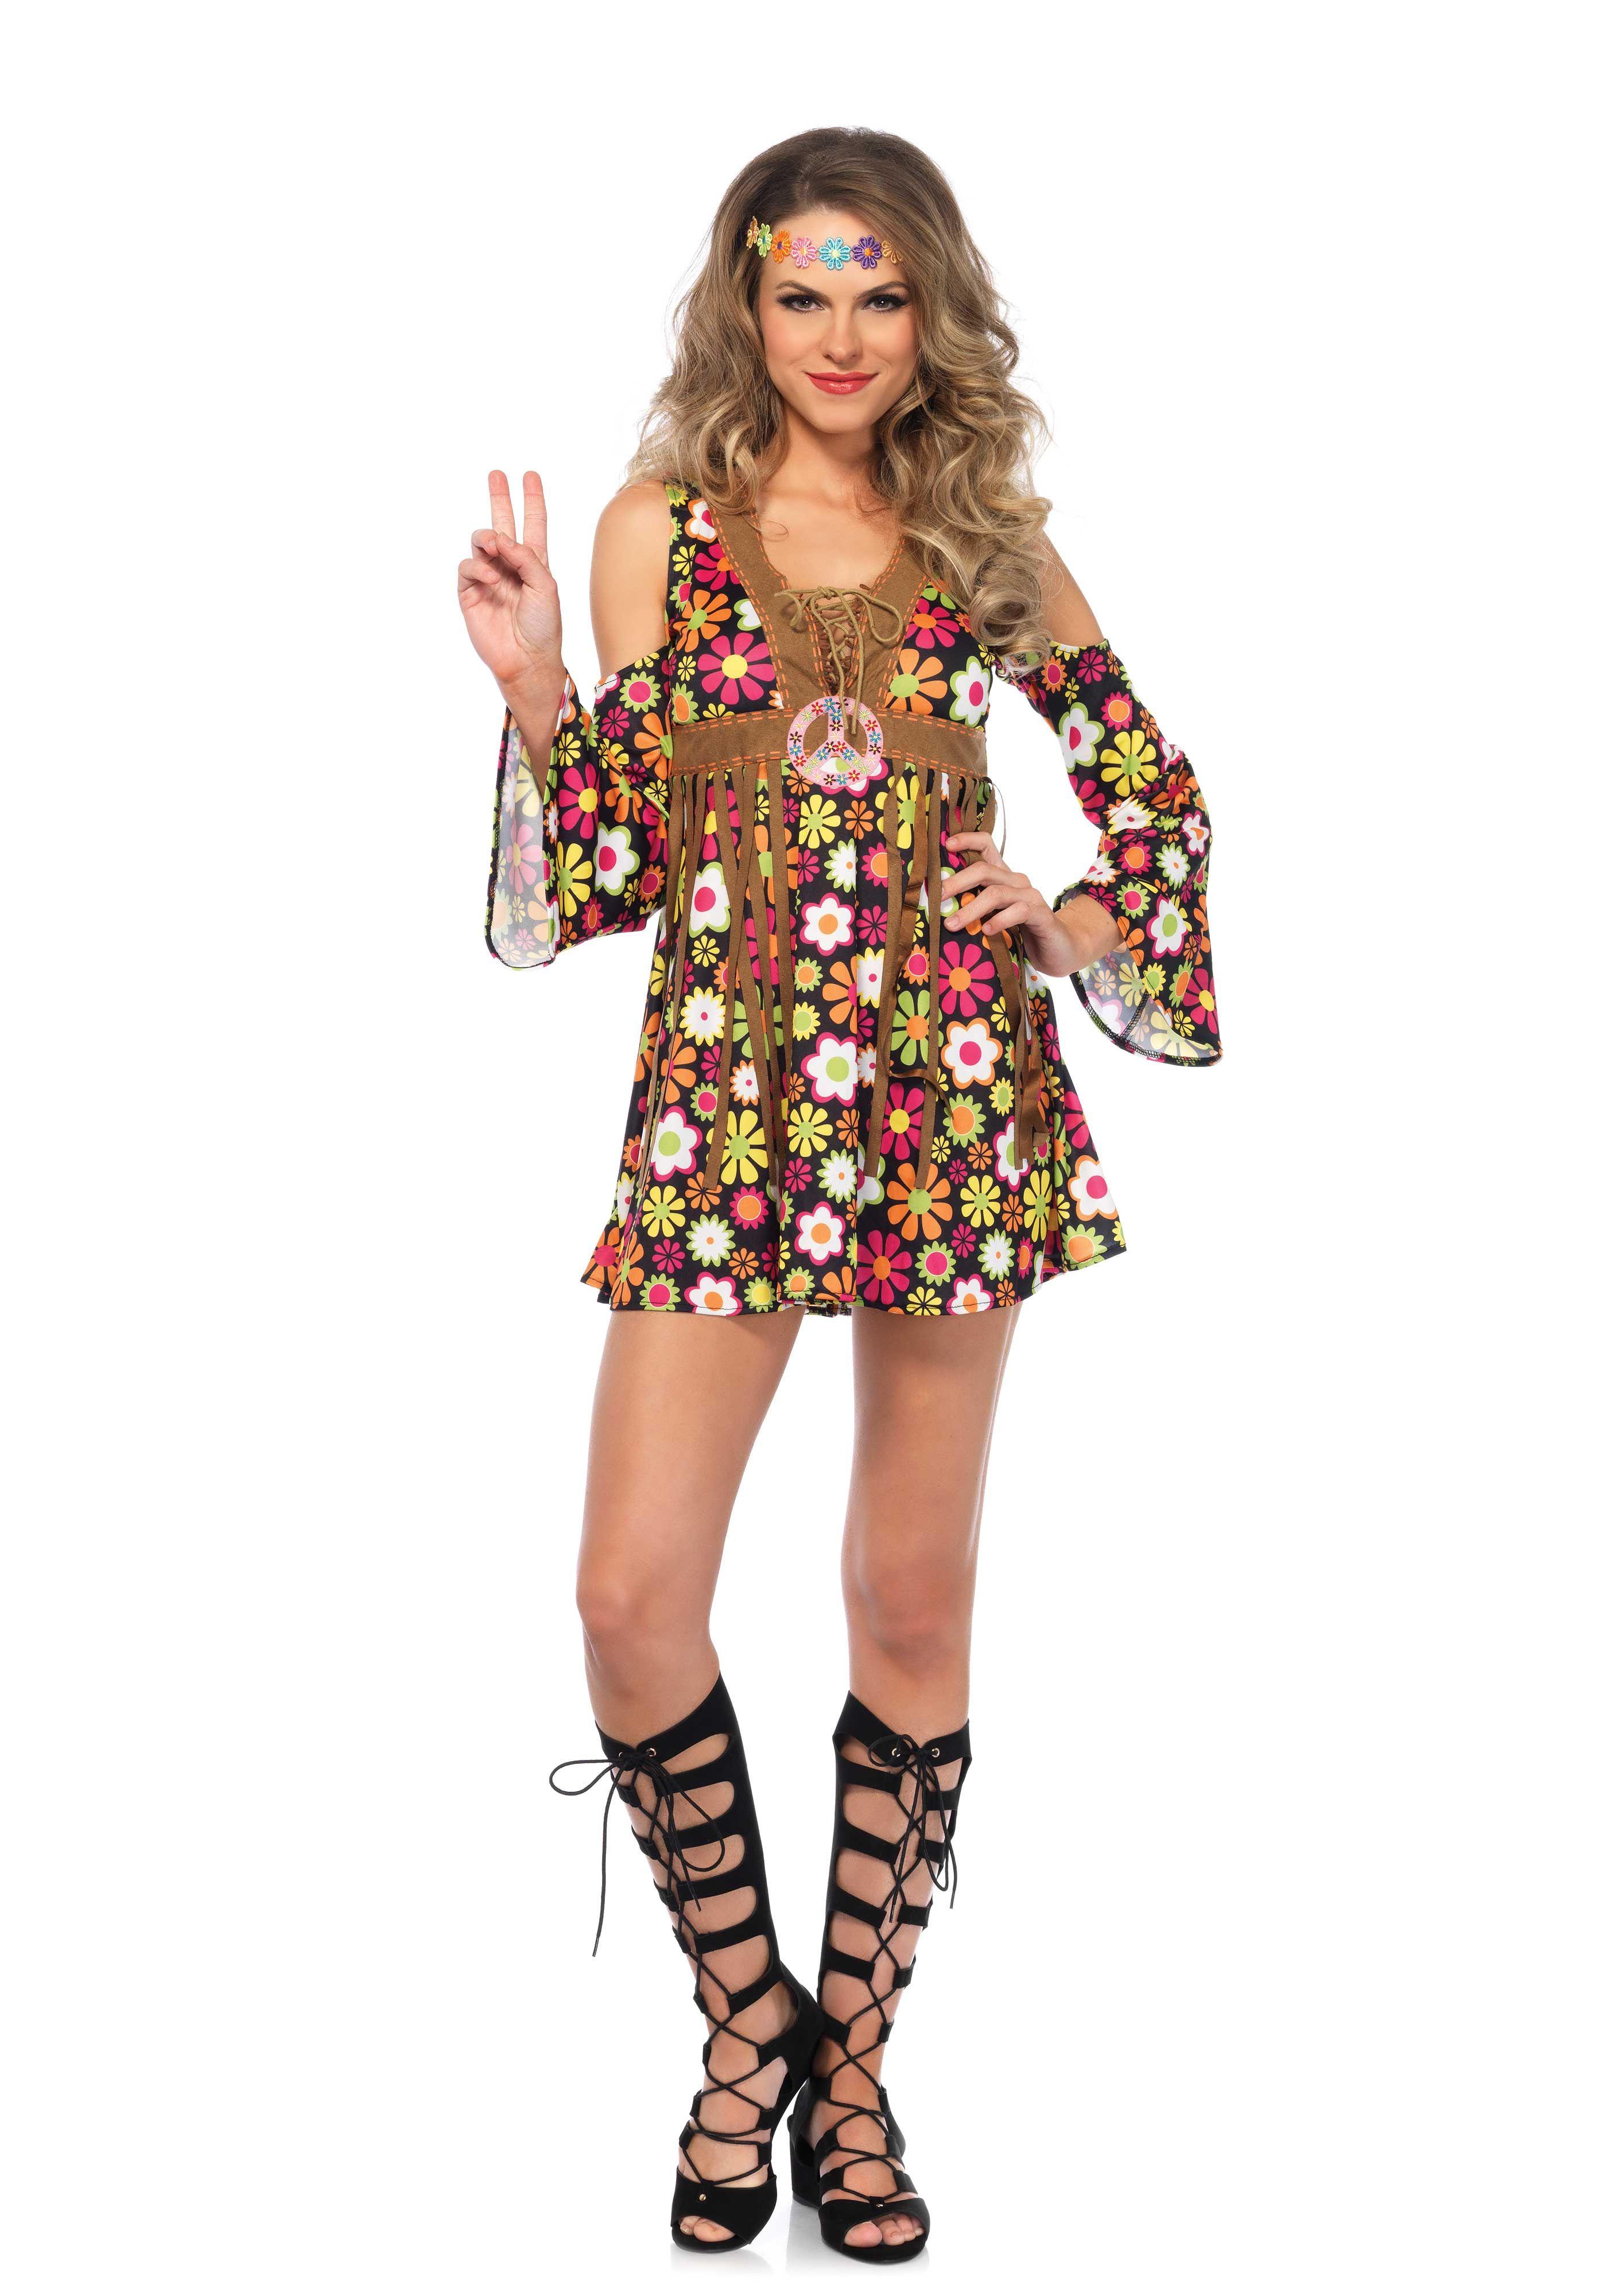 917e676d28 Leg Avenue 85610 Starflower Hippie 1970 s Costume Dress Up  Halloween